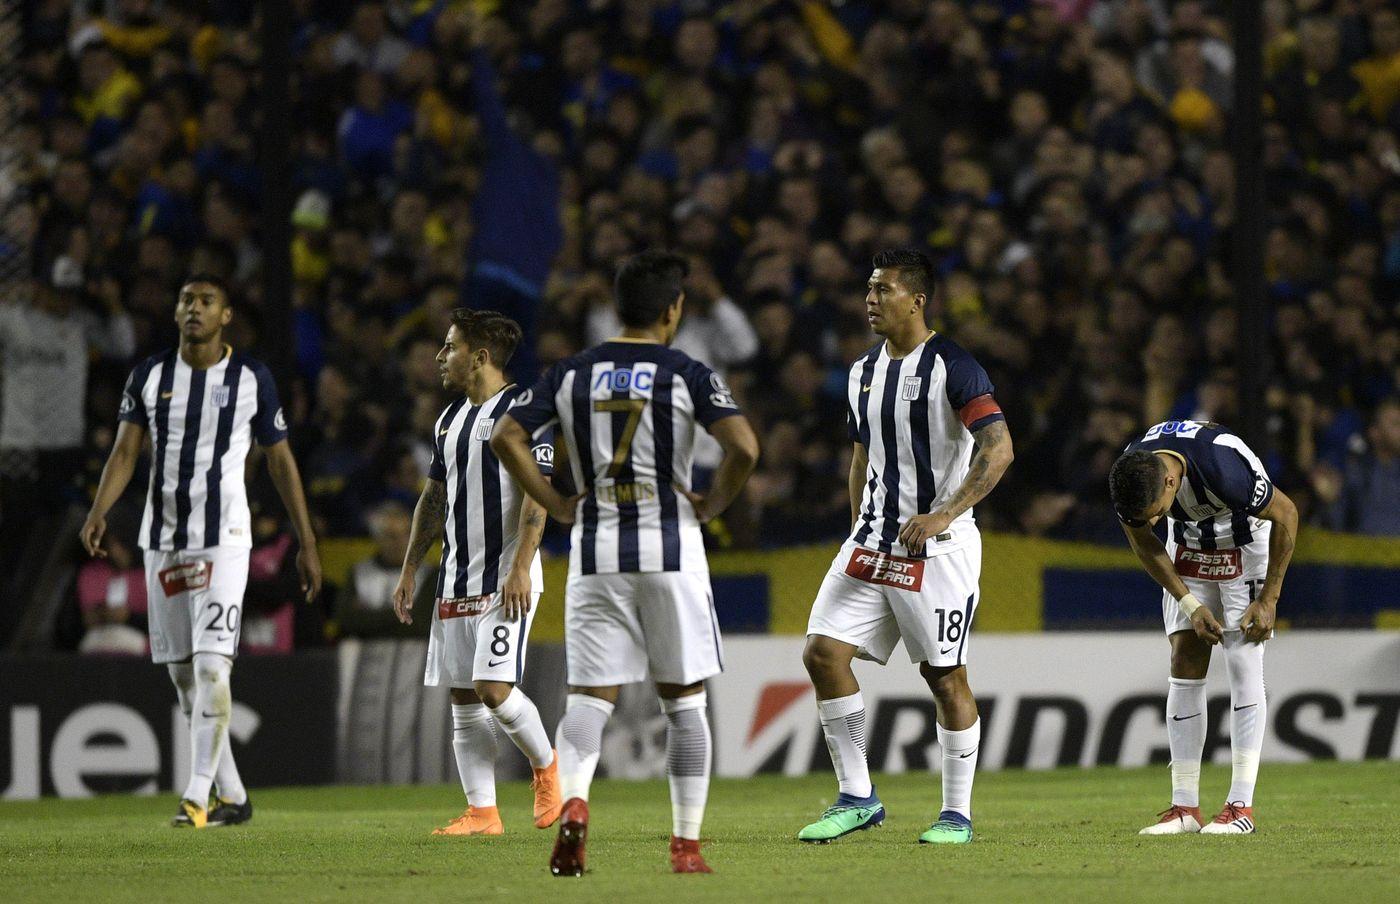 Primera Division Perù sabato 3 novembre